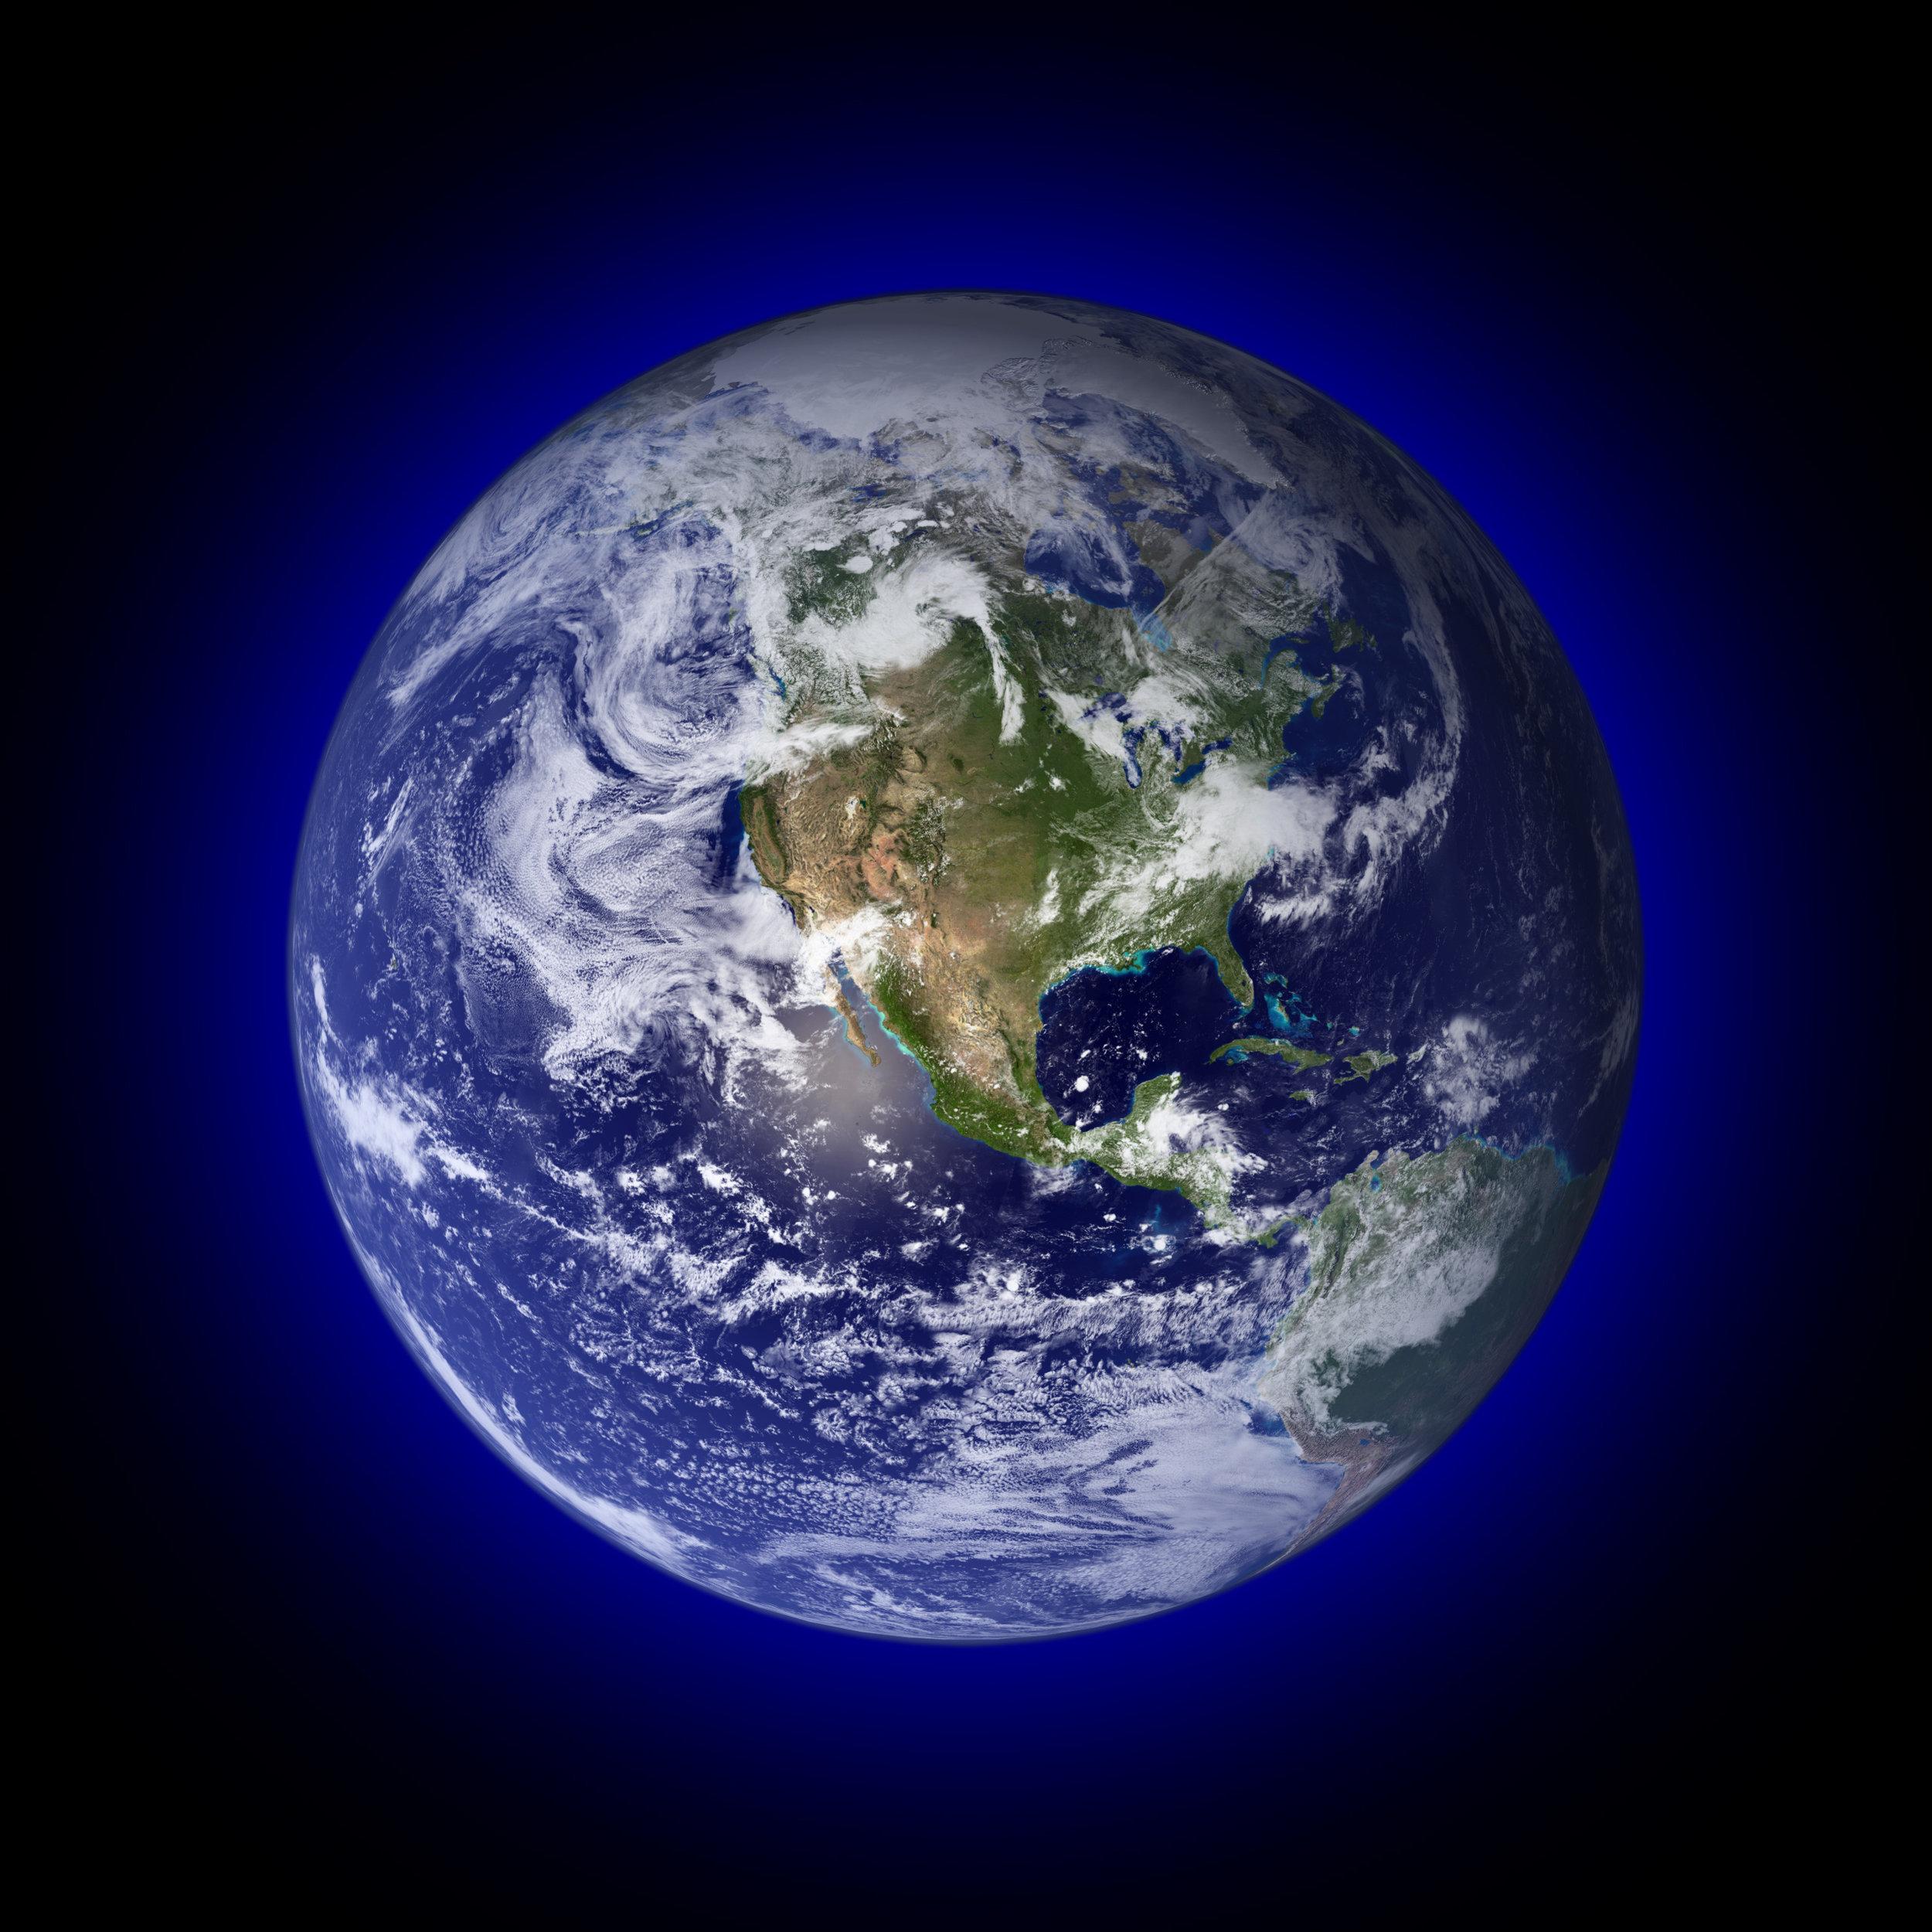 """Vision - Vi ser en framtid där individer och organisationer som är etablerade i medvetenhet och drivs av global medkänsla tillsammans verkar för ökad hållbarhet och bidrar till ett mer solidariskt samhällsklimat.Meditationslärarprogrammet CARE skall bidra till detta genom att ge förutsättningar för ökad medvetenhet och medkänsla på ett individuellt, socialt och globalt plan.Vår kärleksfullhet växer när vi lär oss att """"vila"""" i en medvetenhet om att vara medveten."""